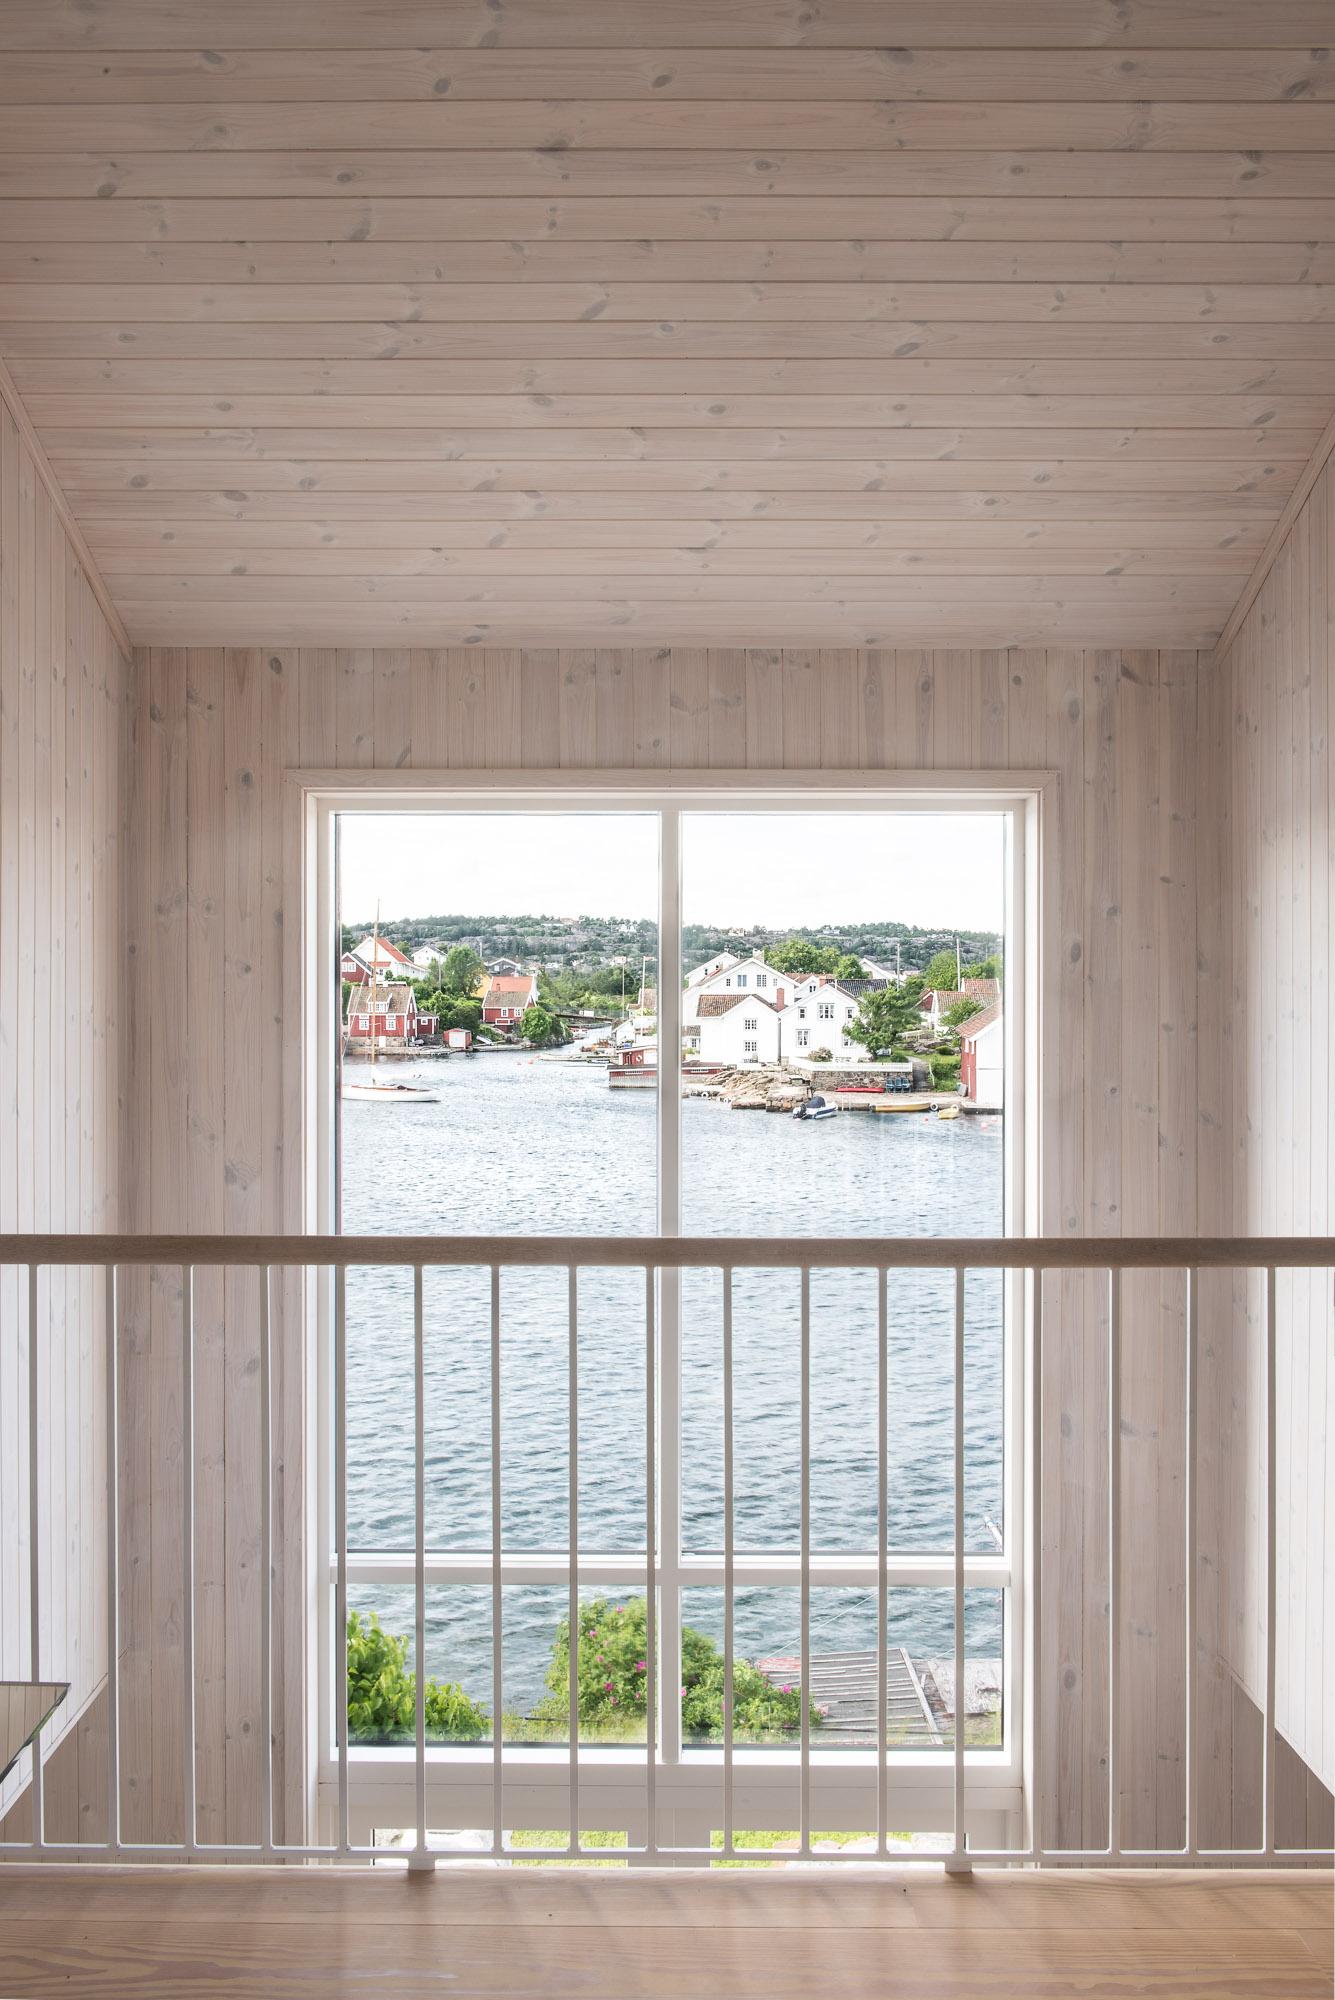 Skaara Lyngør-136-HDR-Edit.jpg